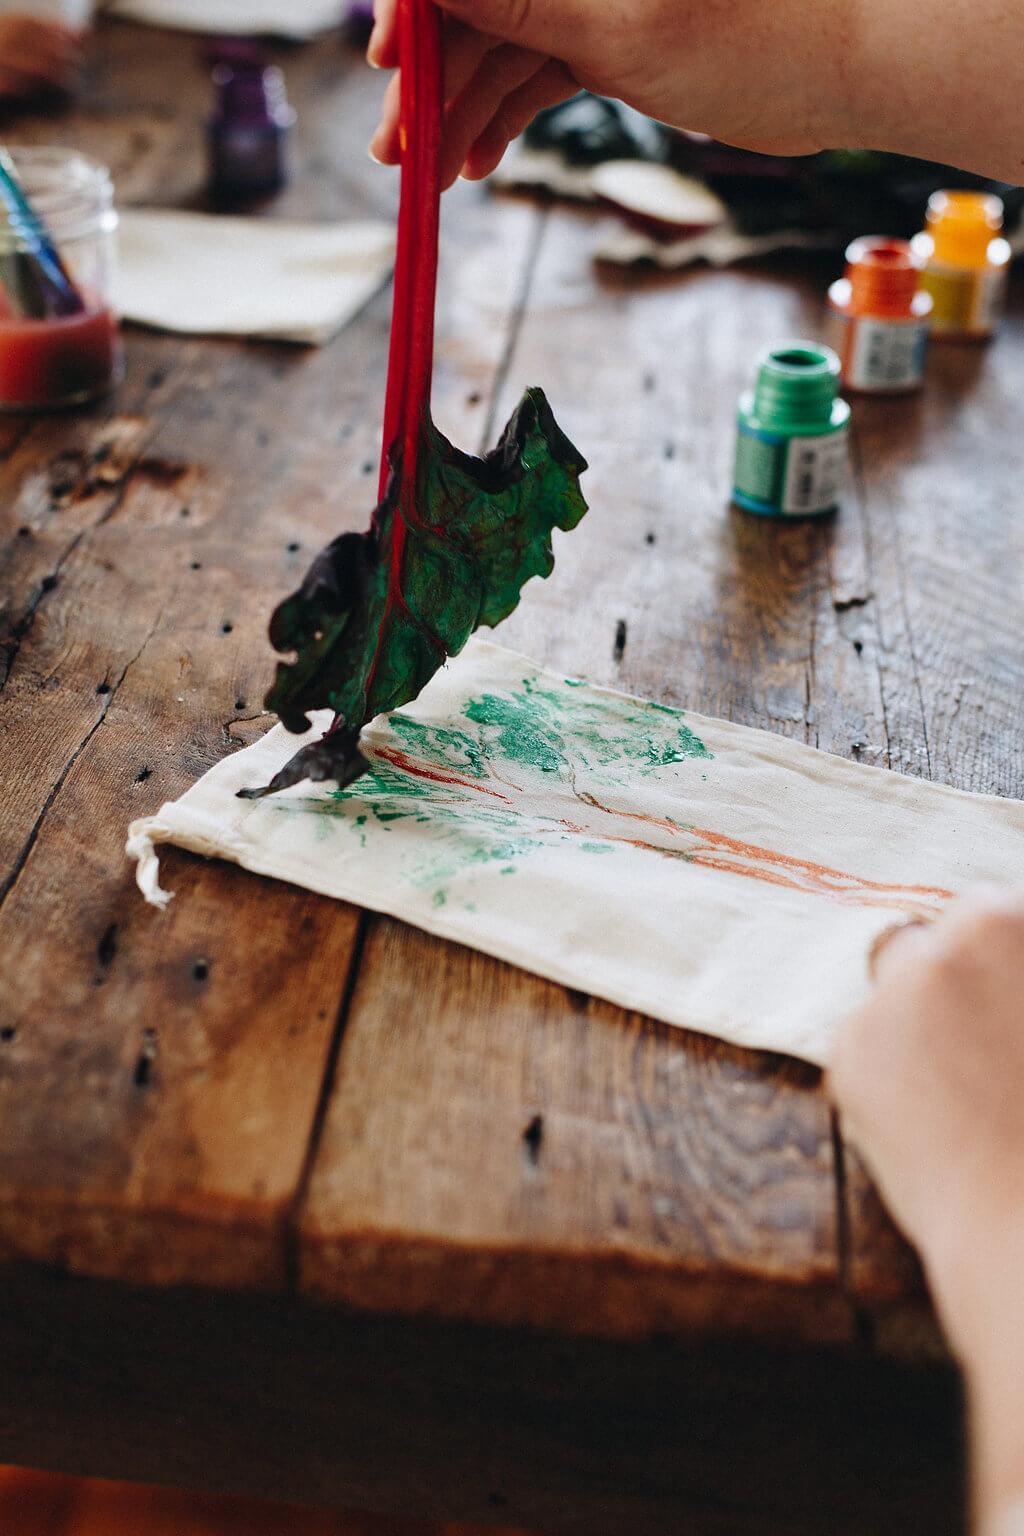 Peinture sur sacs en tissu réutilisable - Chic Frigo Sans Fric